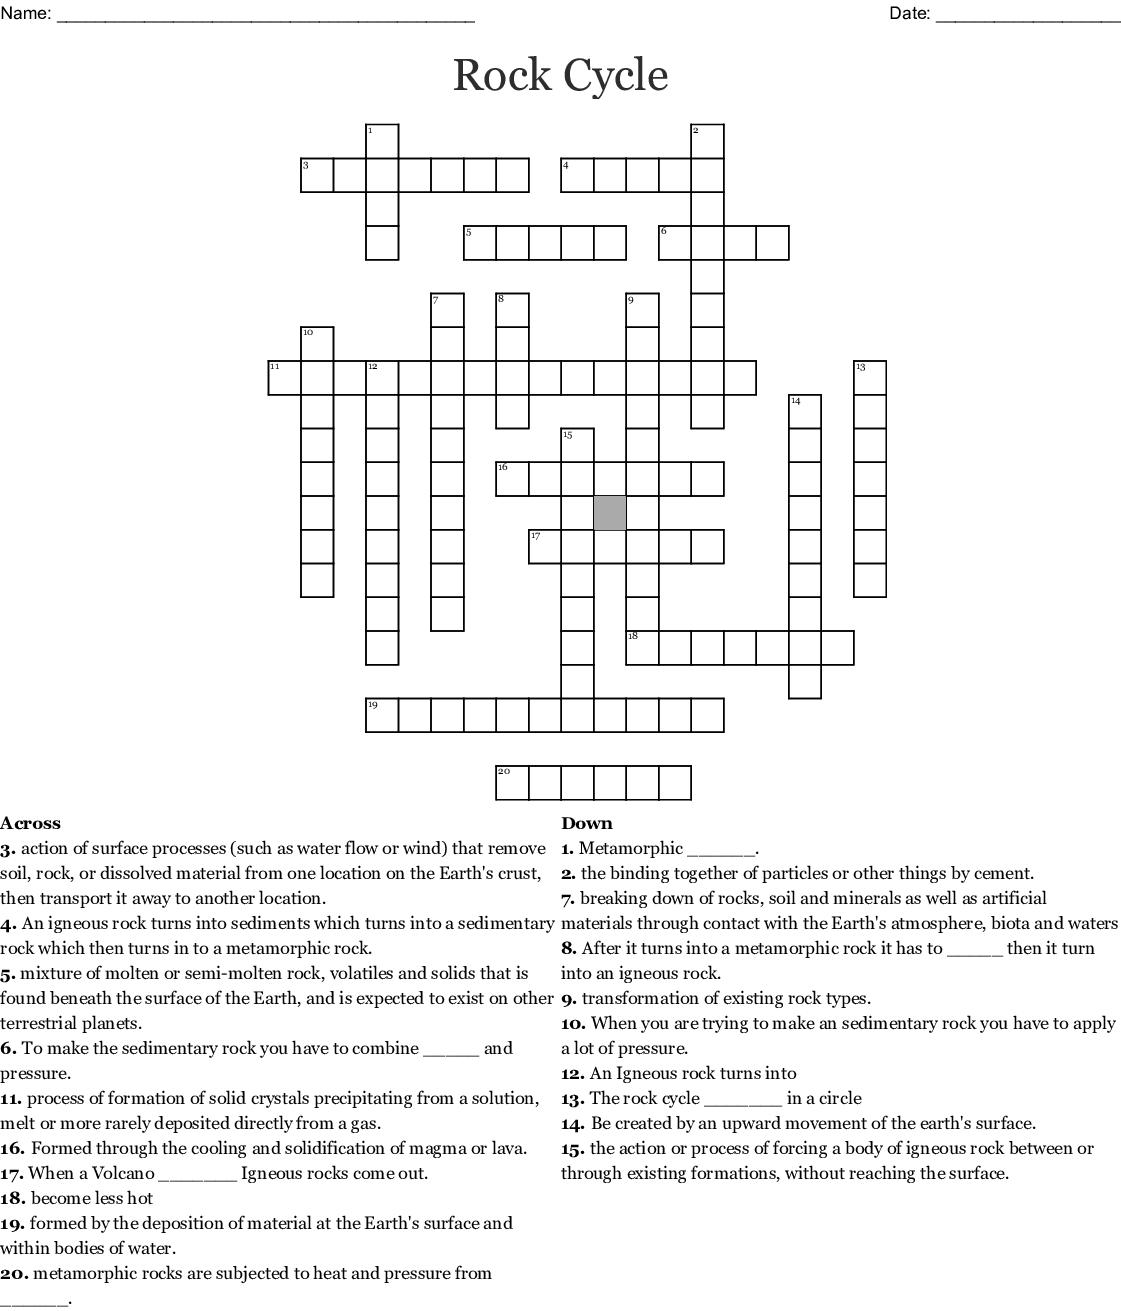 The Rock Cycle Crossword - WordMint